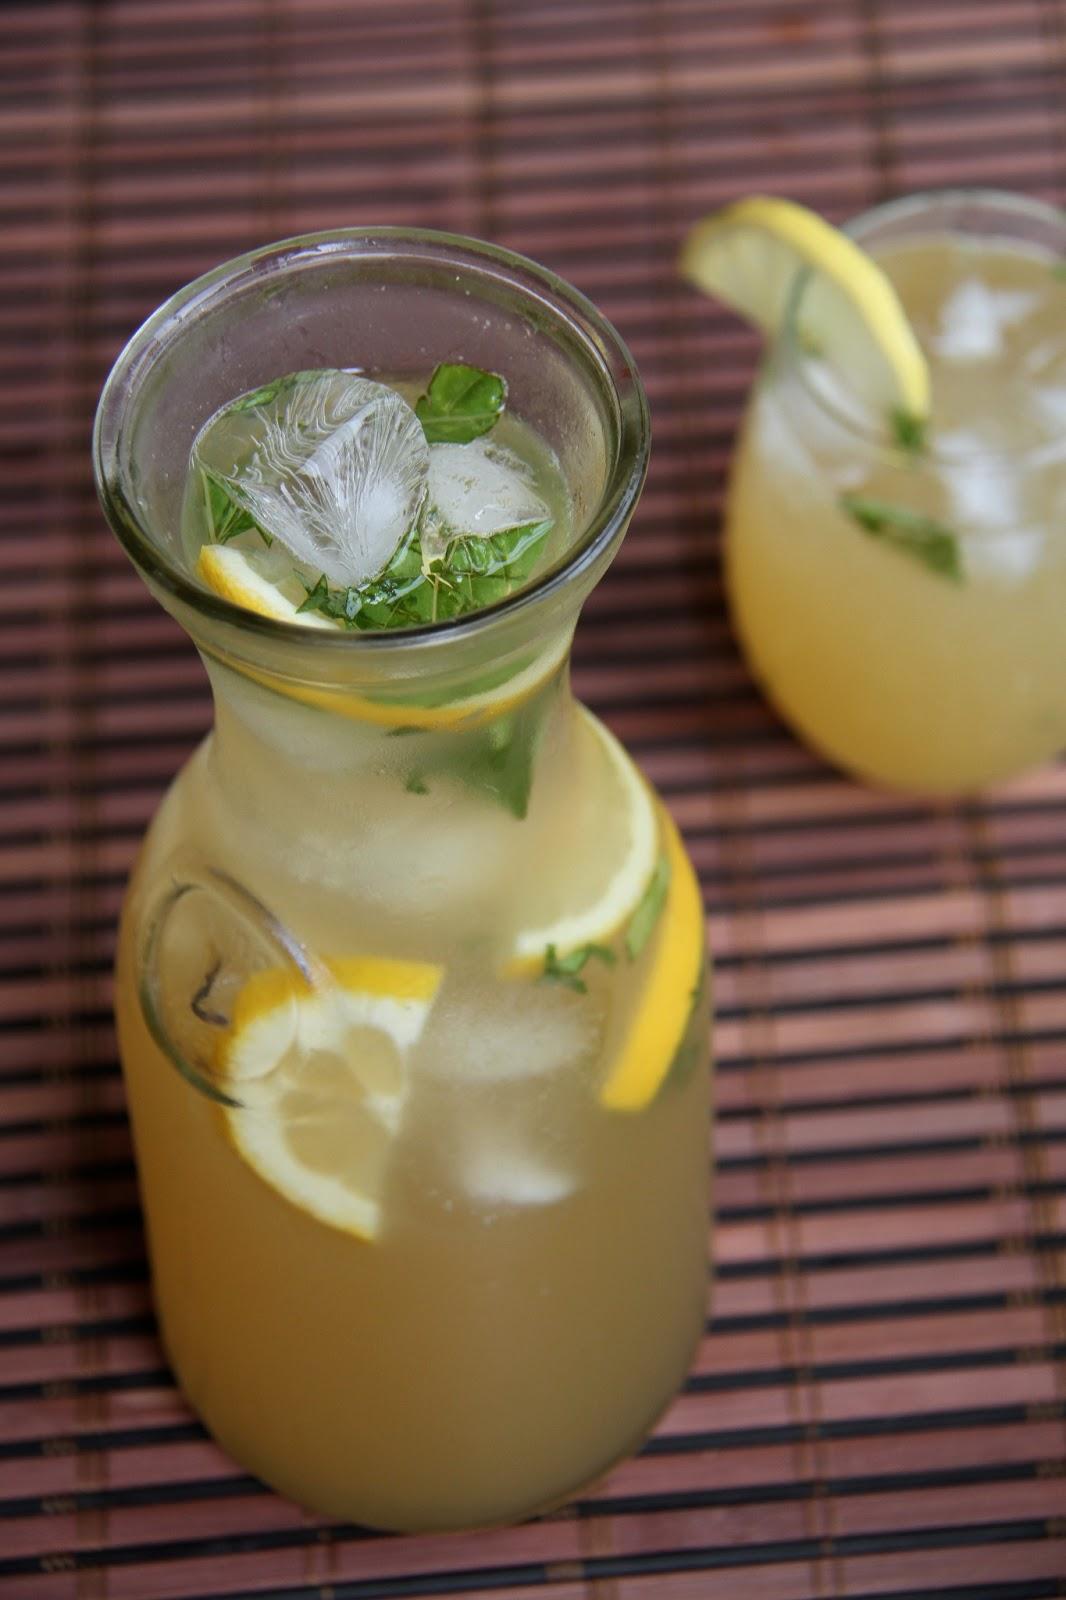 vermontucky lemonade honey basil lemonade basil lemonade ginger basil ...